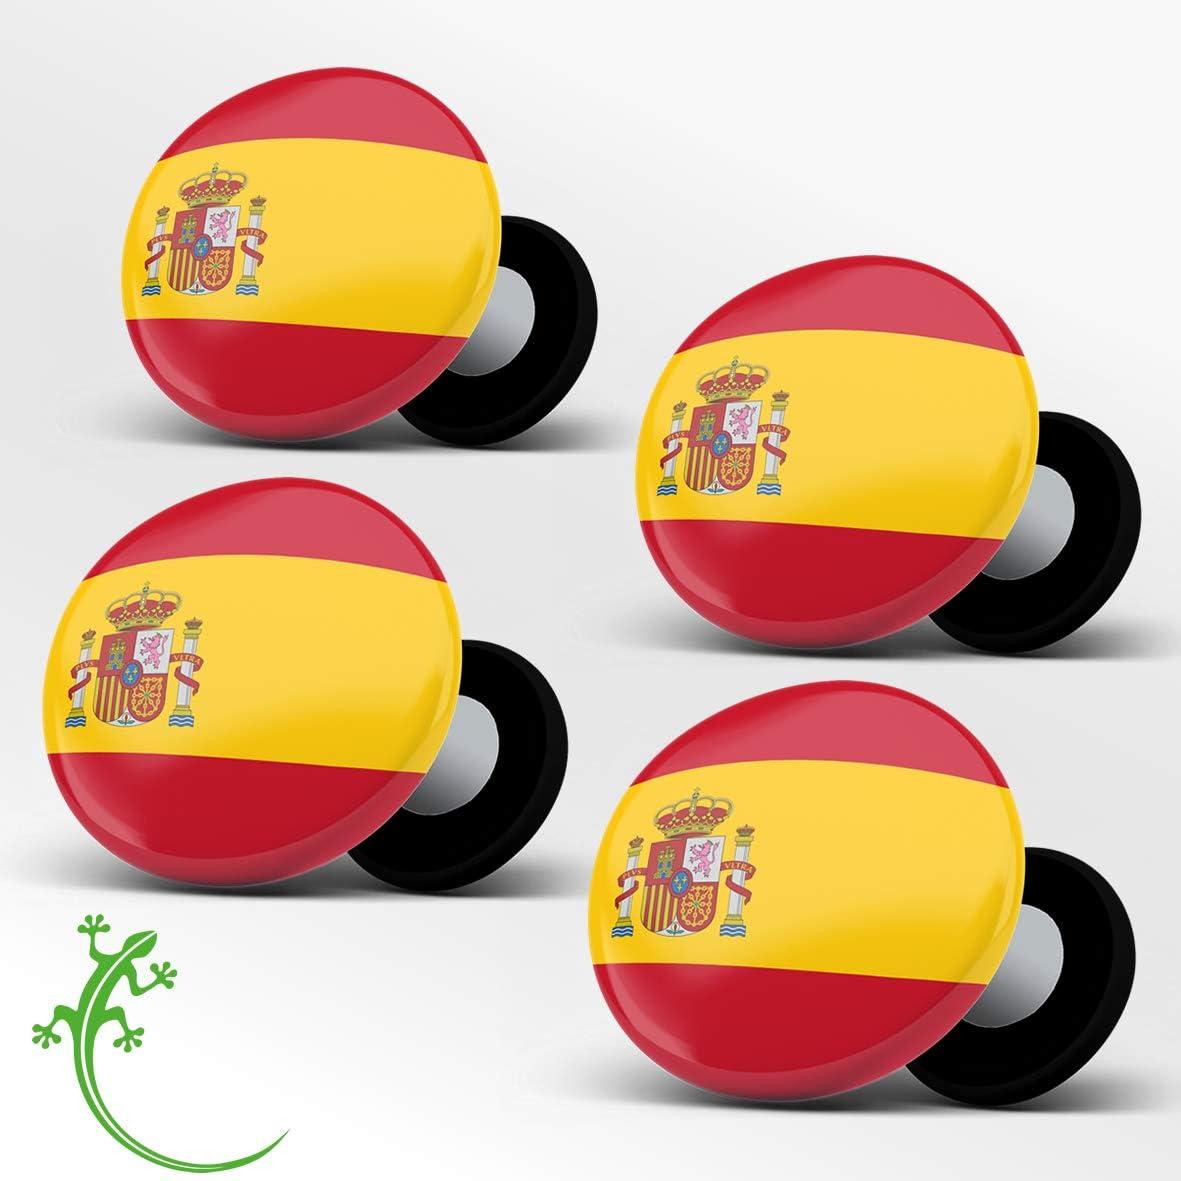 RaceBibUp Portadorsales magnéticos para la fijación del número de Carrera Ciclismo (Bandera española): Amazon.es: Deportes y aire libre